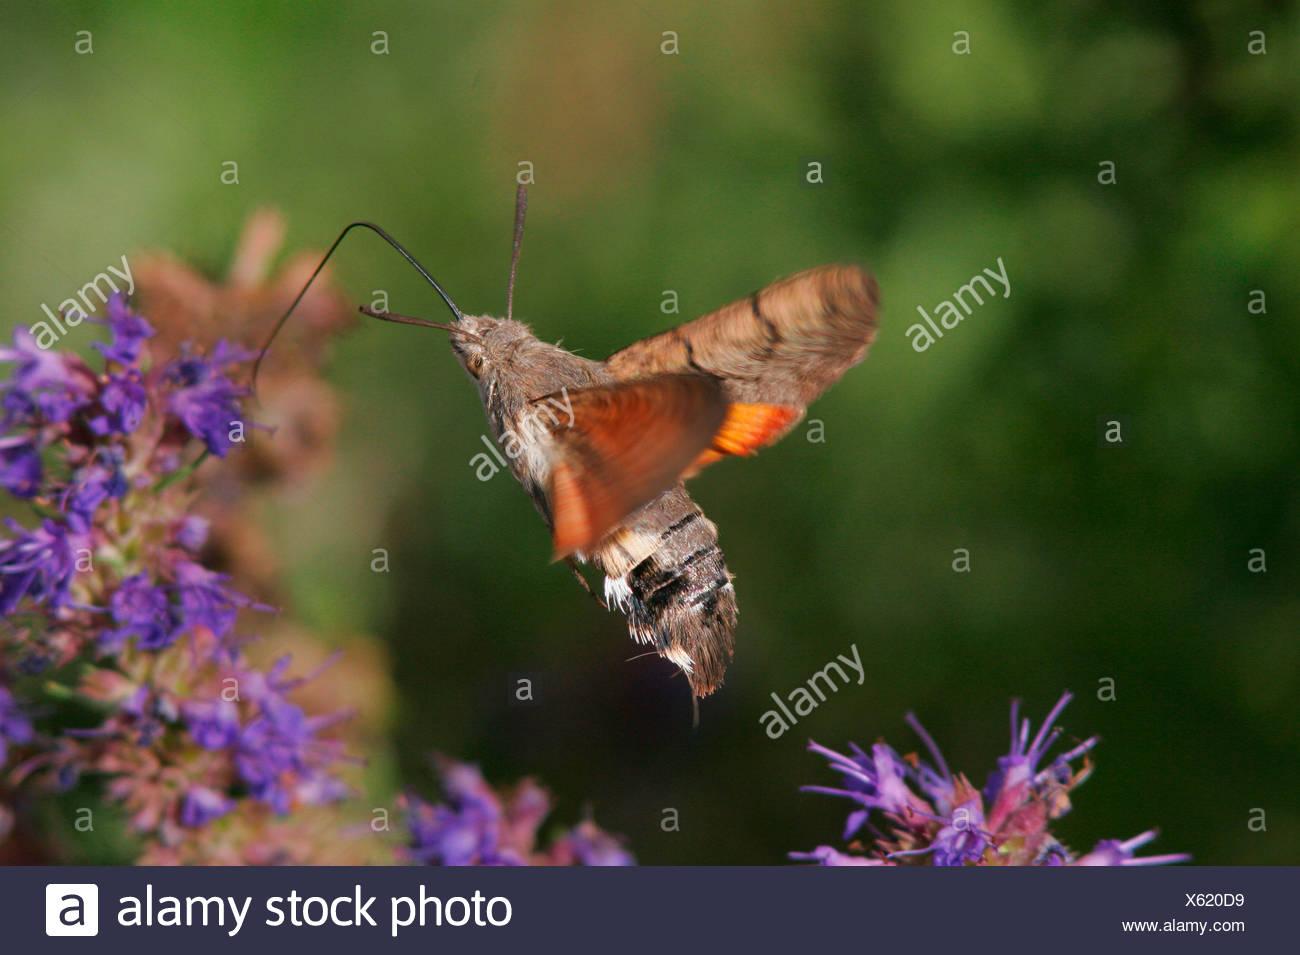 Humming-bird Hawk-moth Photo Stock